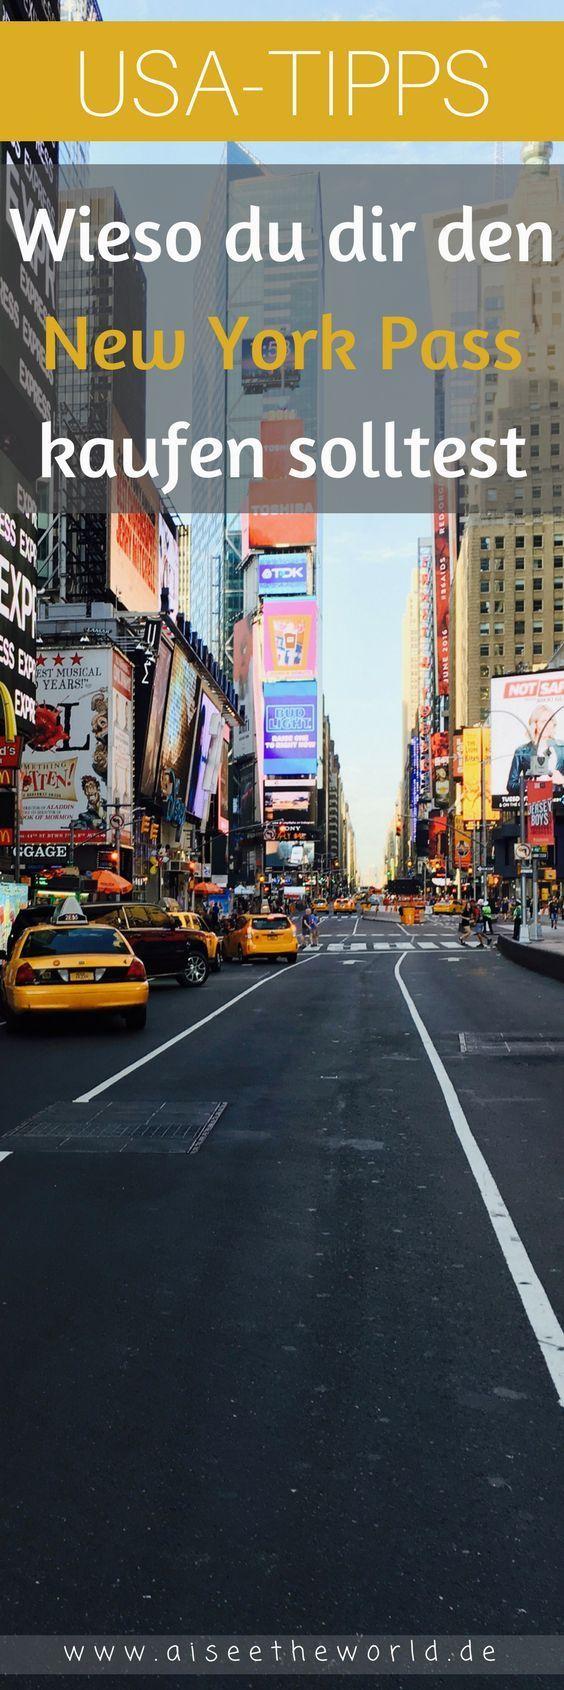 Ich zeige dir, wieso du dir den New York Pass kaufen solltest. Du hast deinen Flug nach New York schon gebucht? Du brauchst noch Reisetipps und Inspiration für deine Reise nach New York? Ich zeige dir, welche Attraktionen in New York du mit dem New York Pass kostenlos besichtigen kannst, wie teuer der New York Pass ist, wo du dir den New York Pass kaufen kannst und wo du ihn im Big Apple abholen kannst. Mehr Reisetipps für deine nächste Reise in die USA findest du auf meinem Reiseblog…